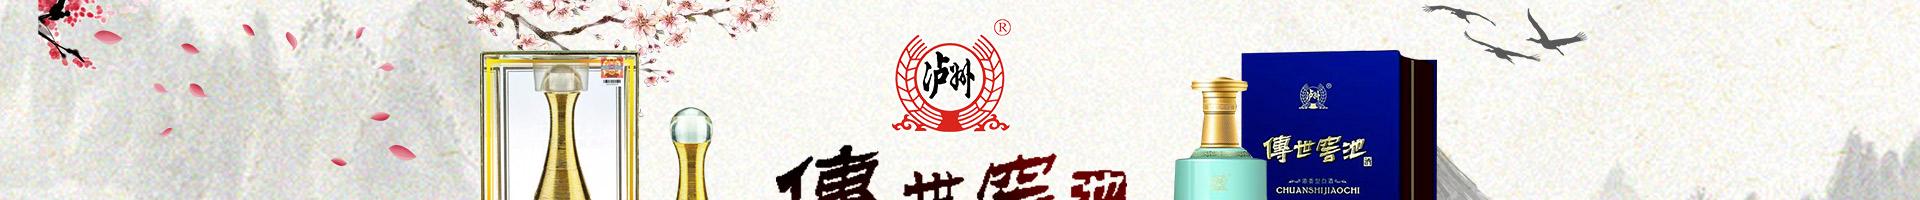 泸州老窖股份有限公司出品传世窖池全国招商